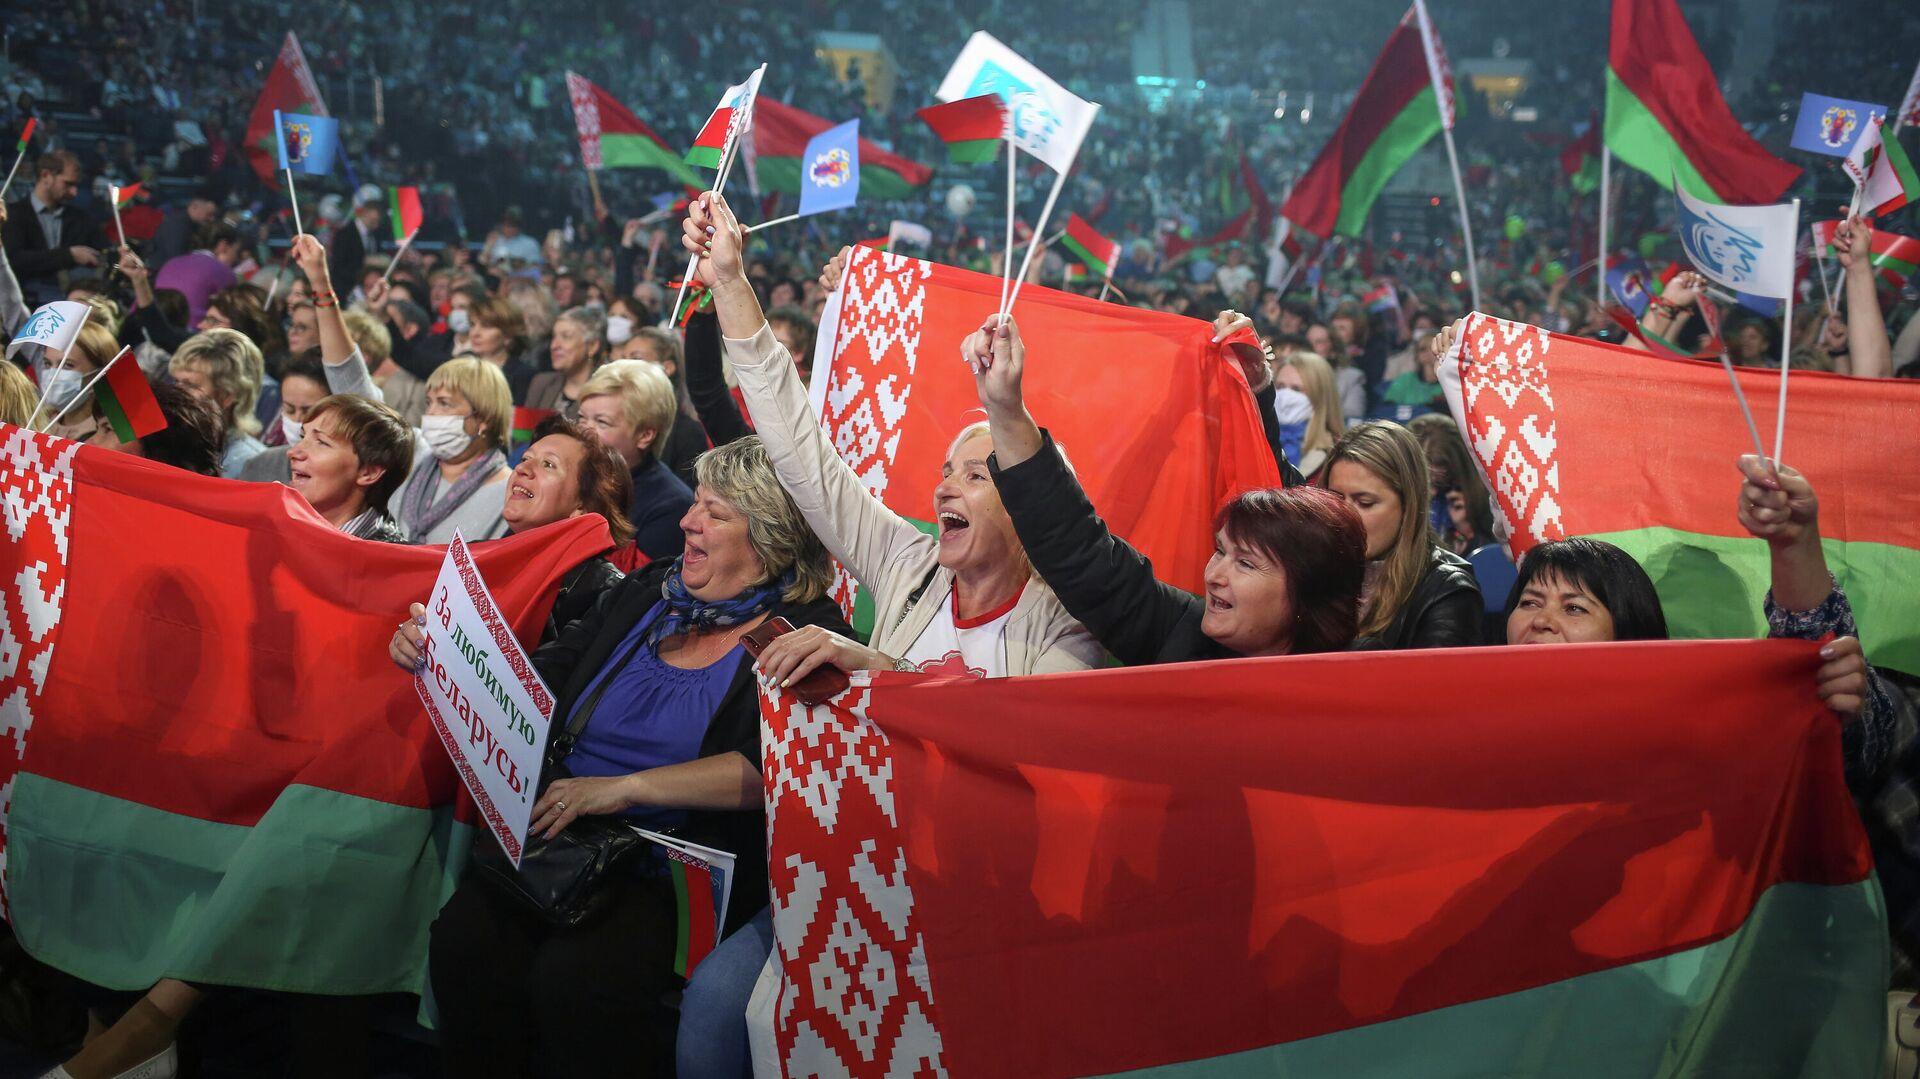 МВД Белоруссии заявило, что задержанный в Минске хотел отравить силовиков